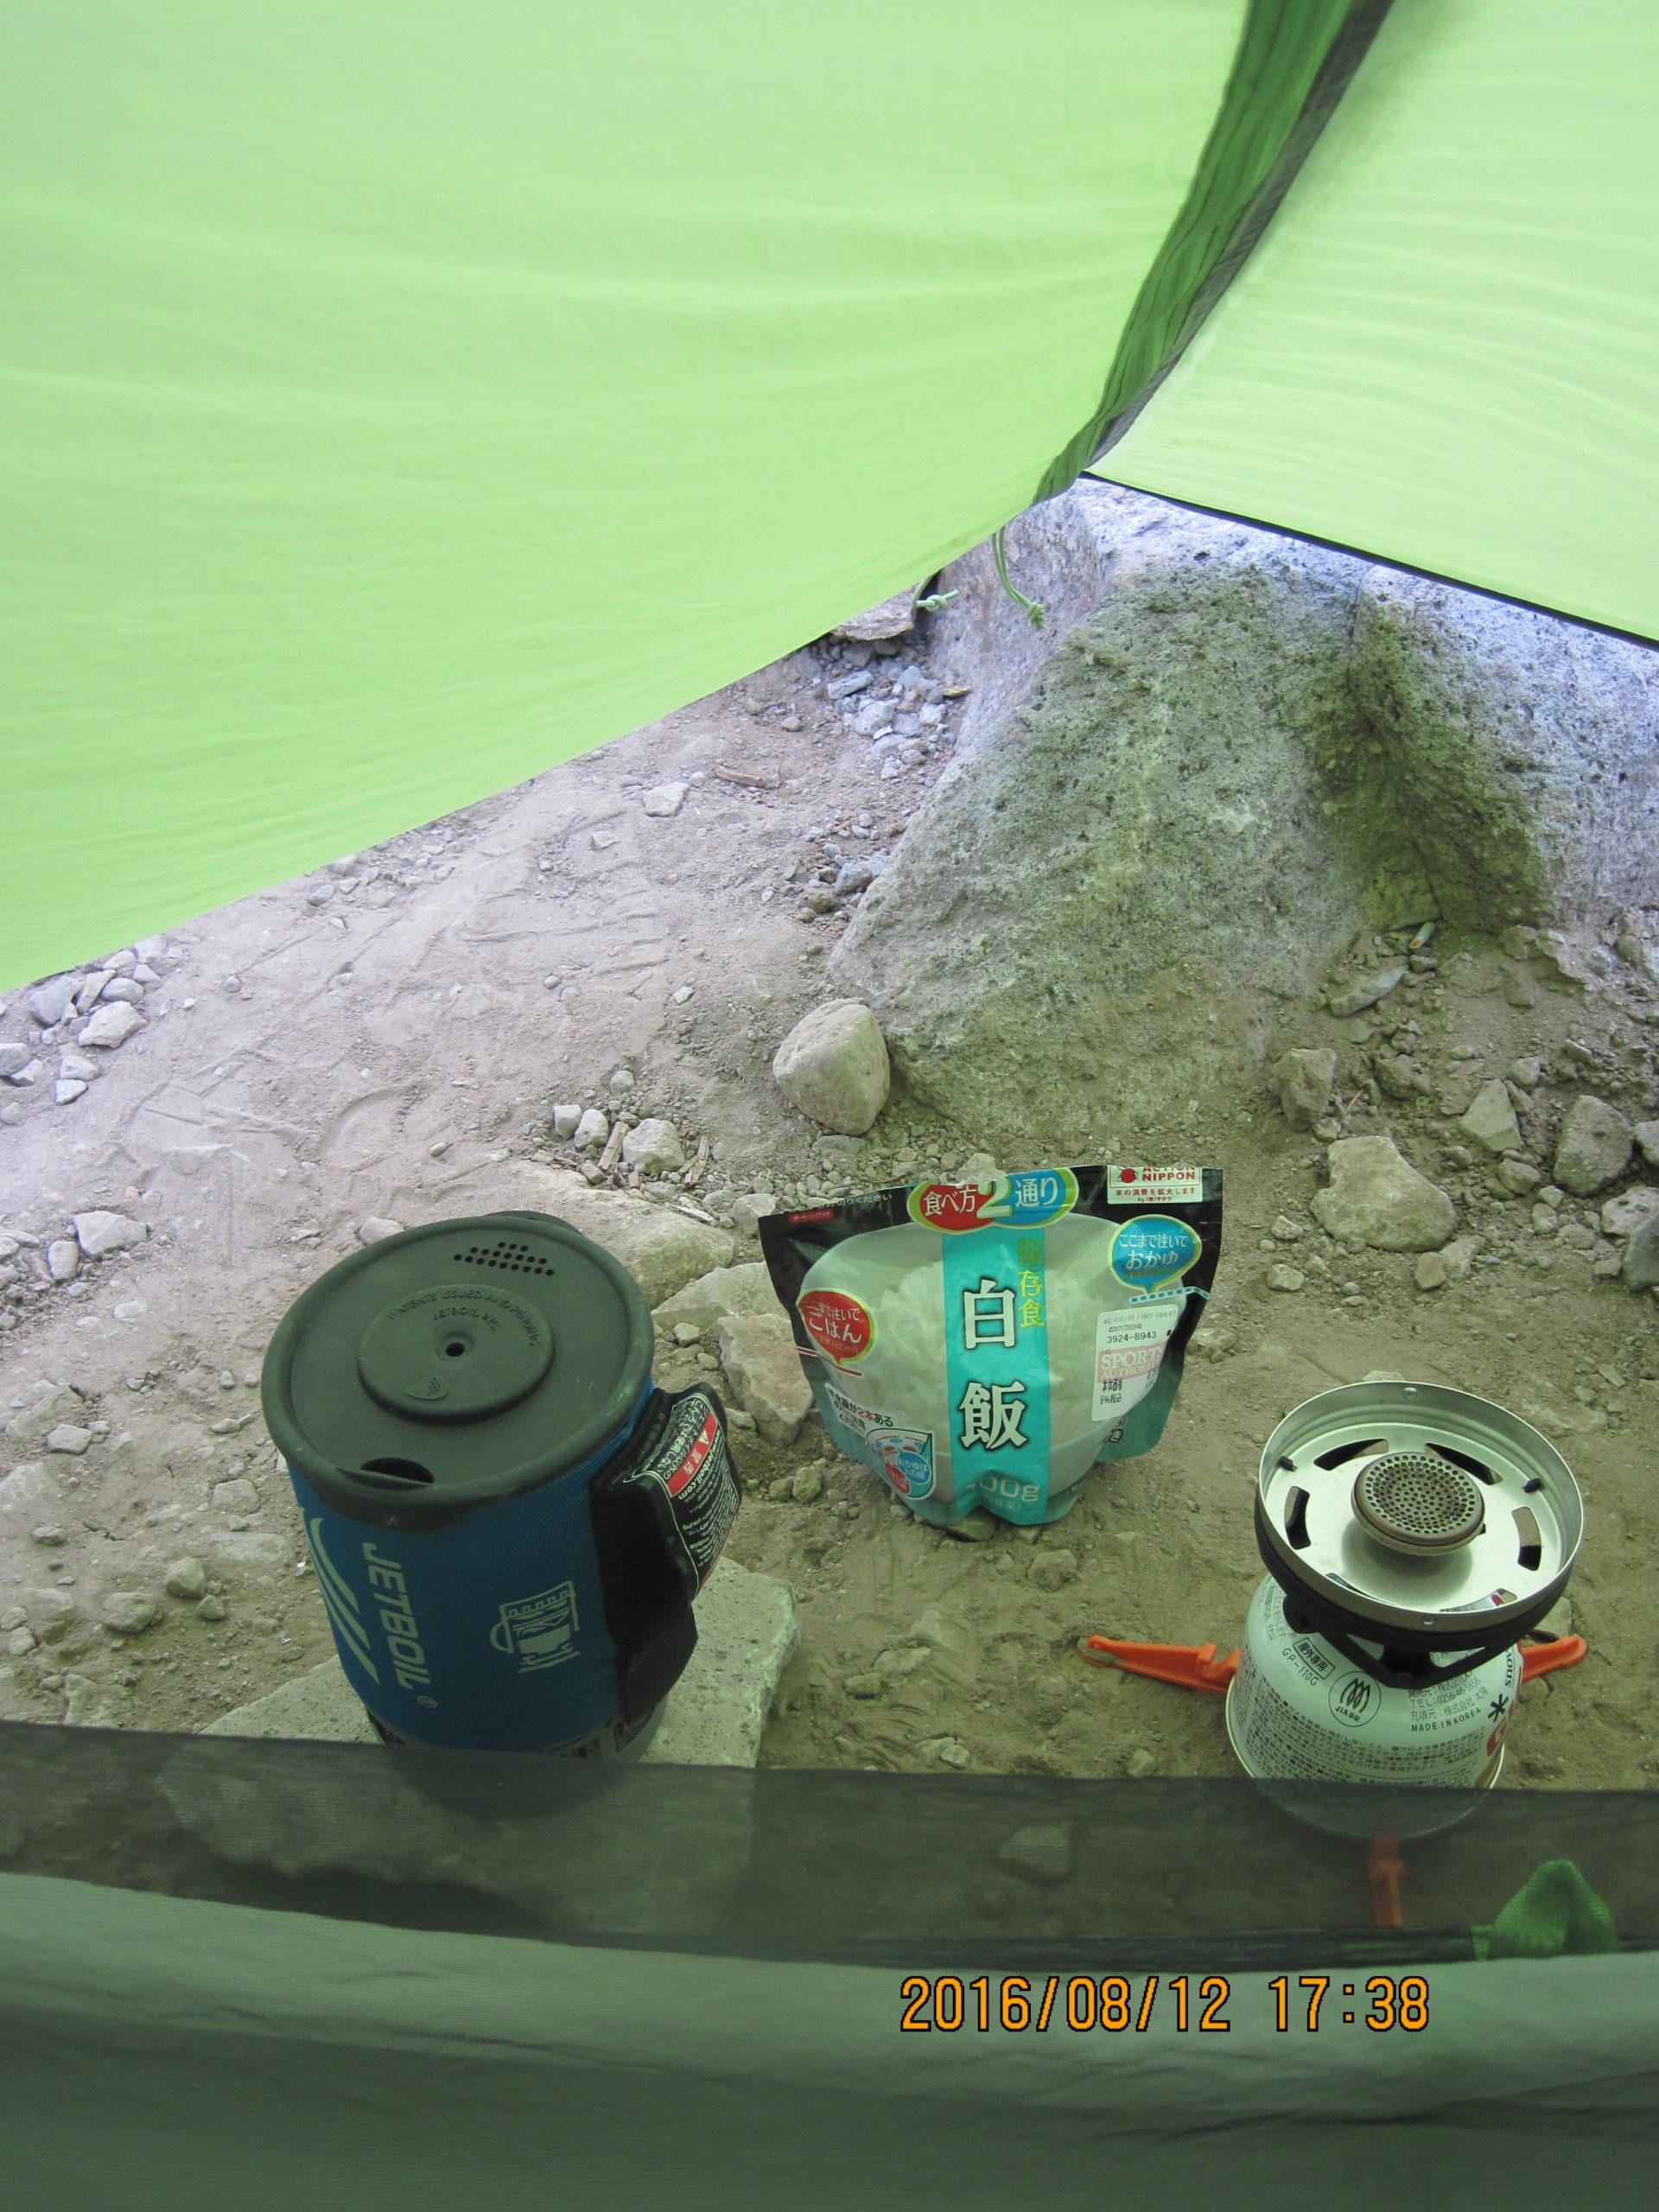 ニーモ タニ 1Pの前室で食事